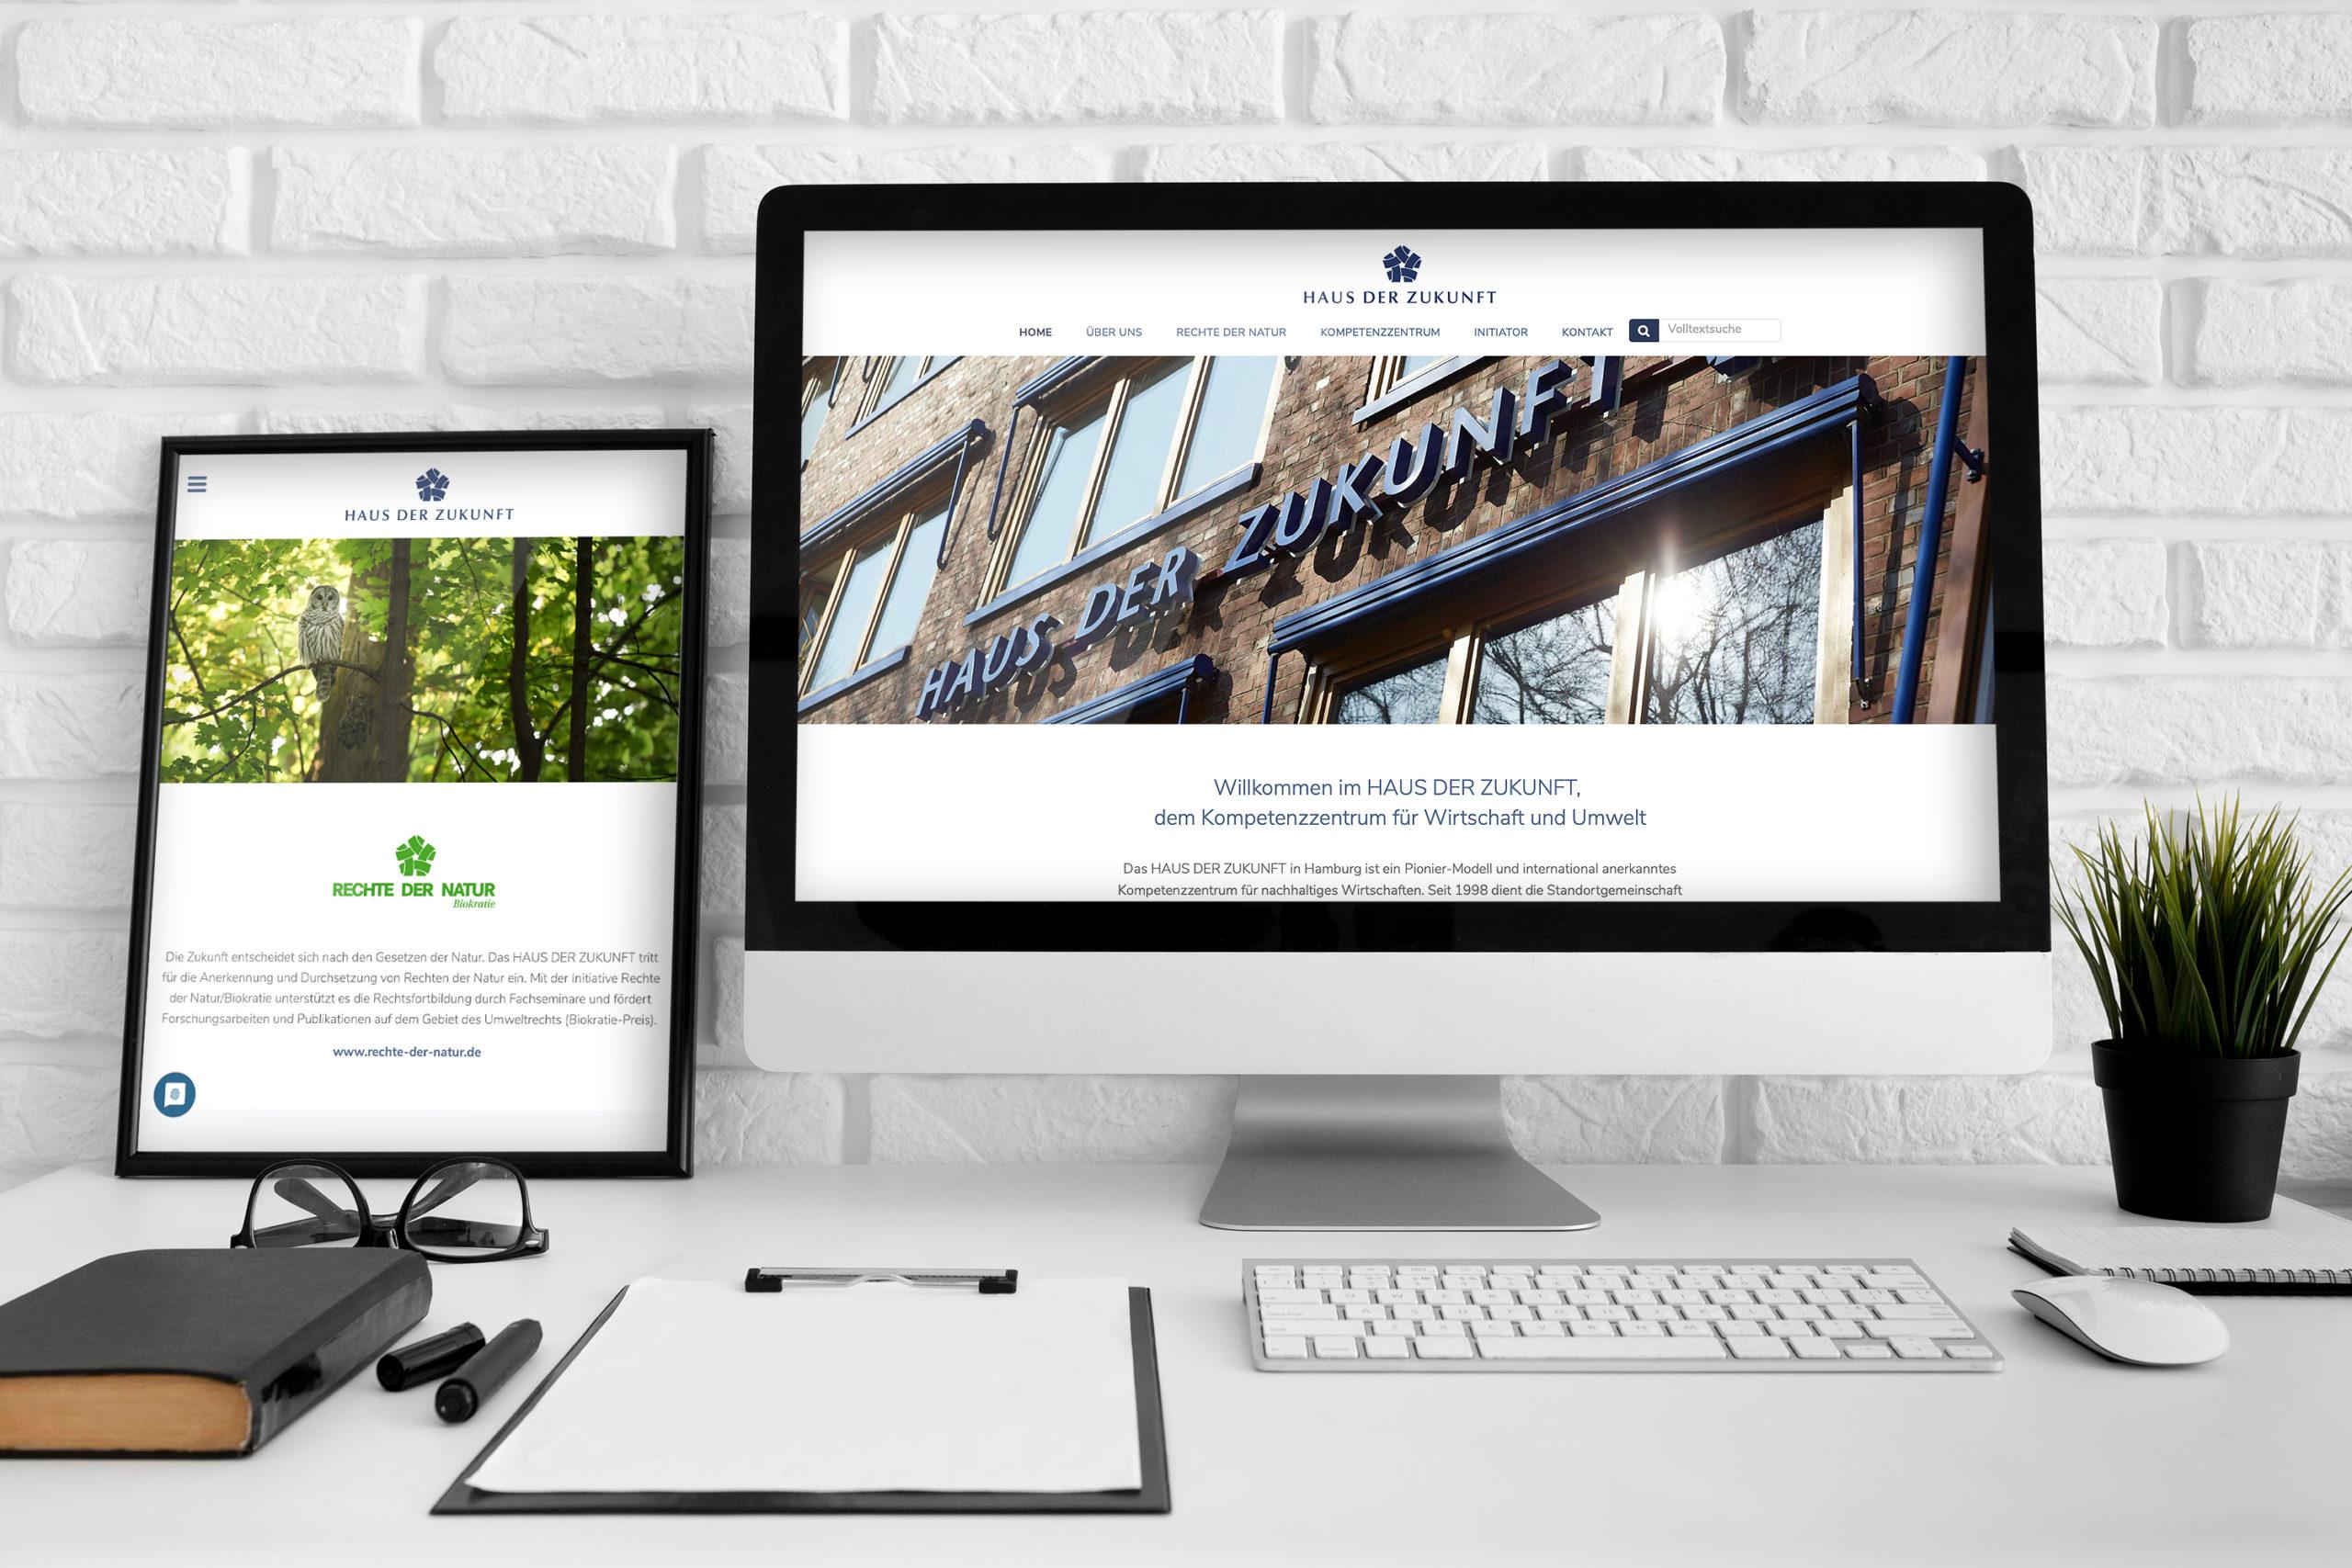 Haus der Zukunft Hamburg - Kompetenzzentrum für nachhaltiges Wirtschaften / Webdesign